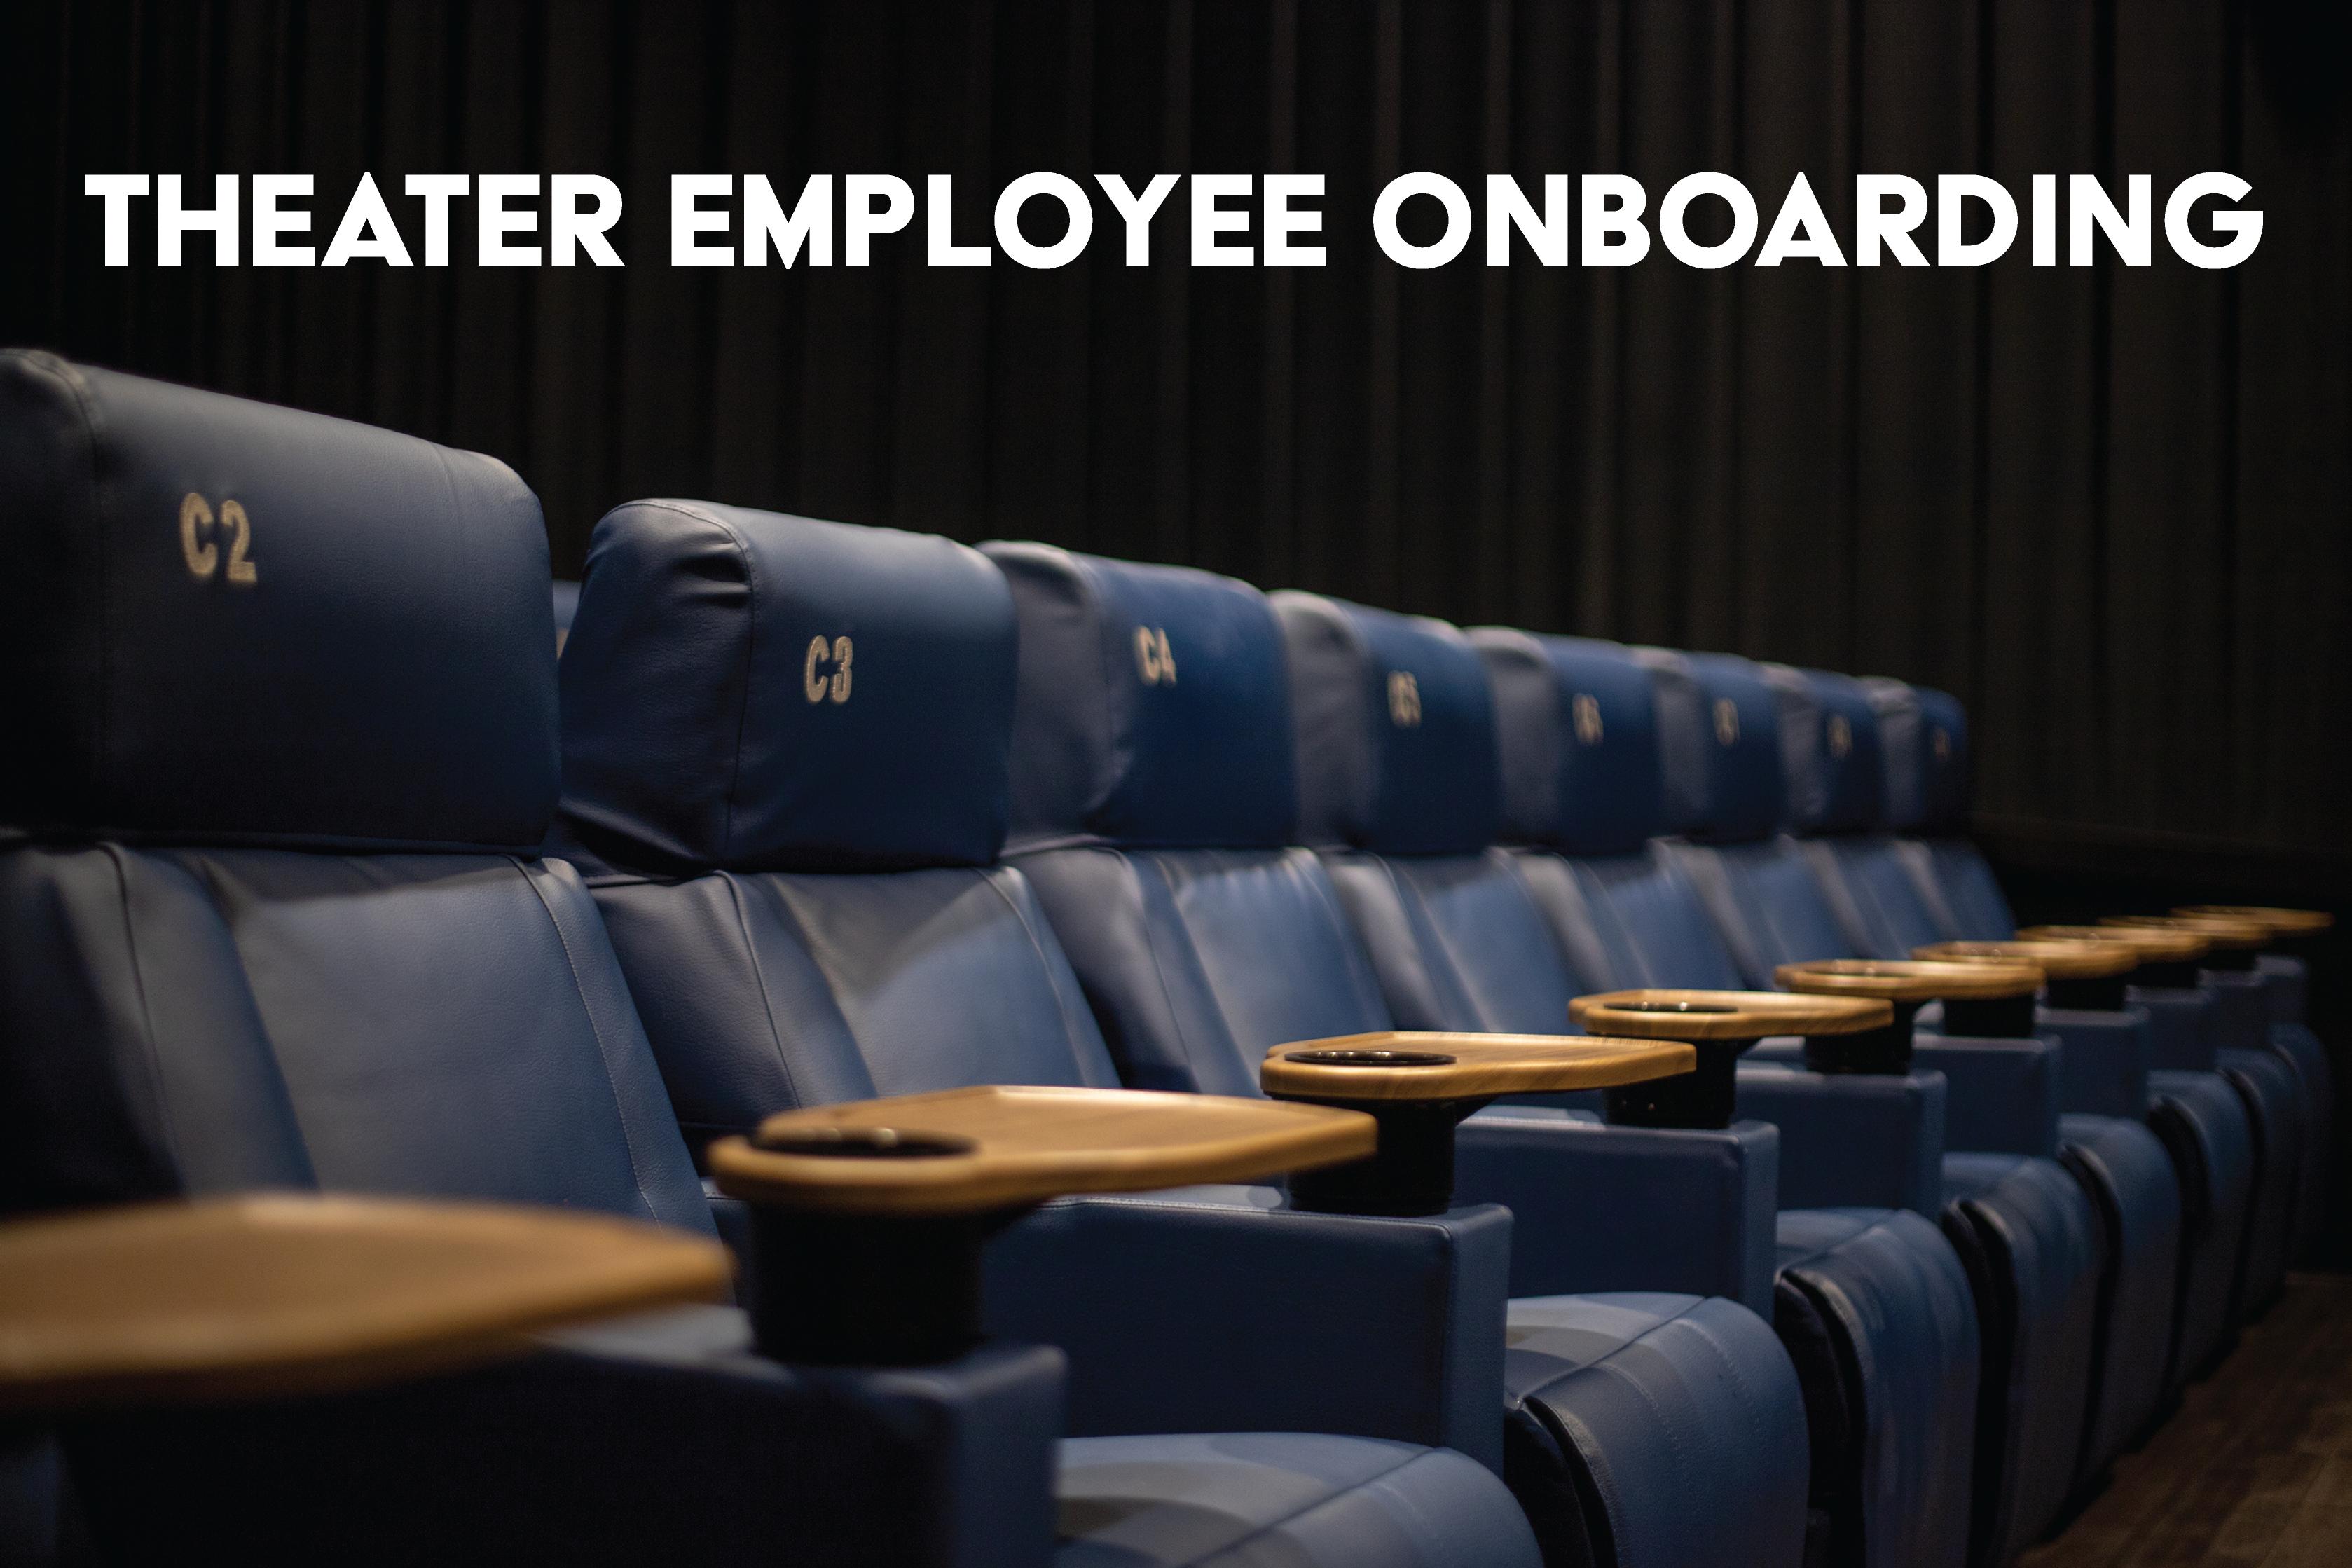 Theater Employee Onboarding